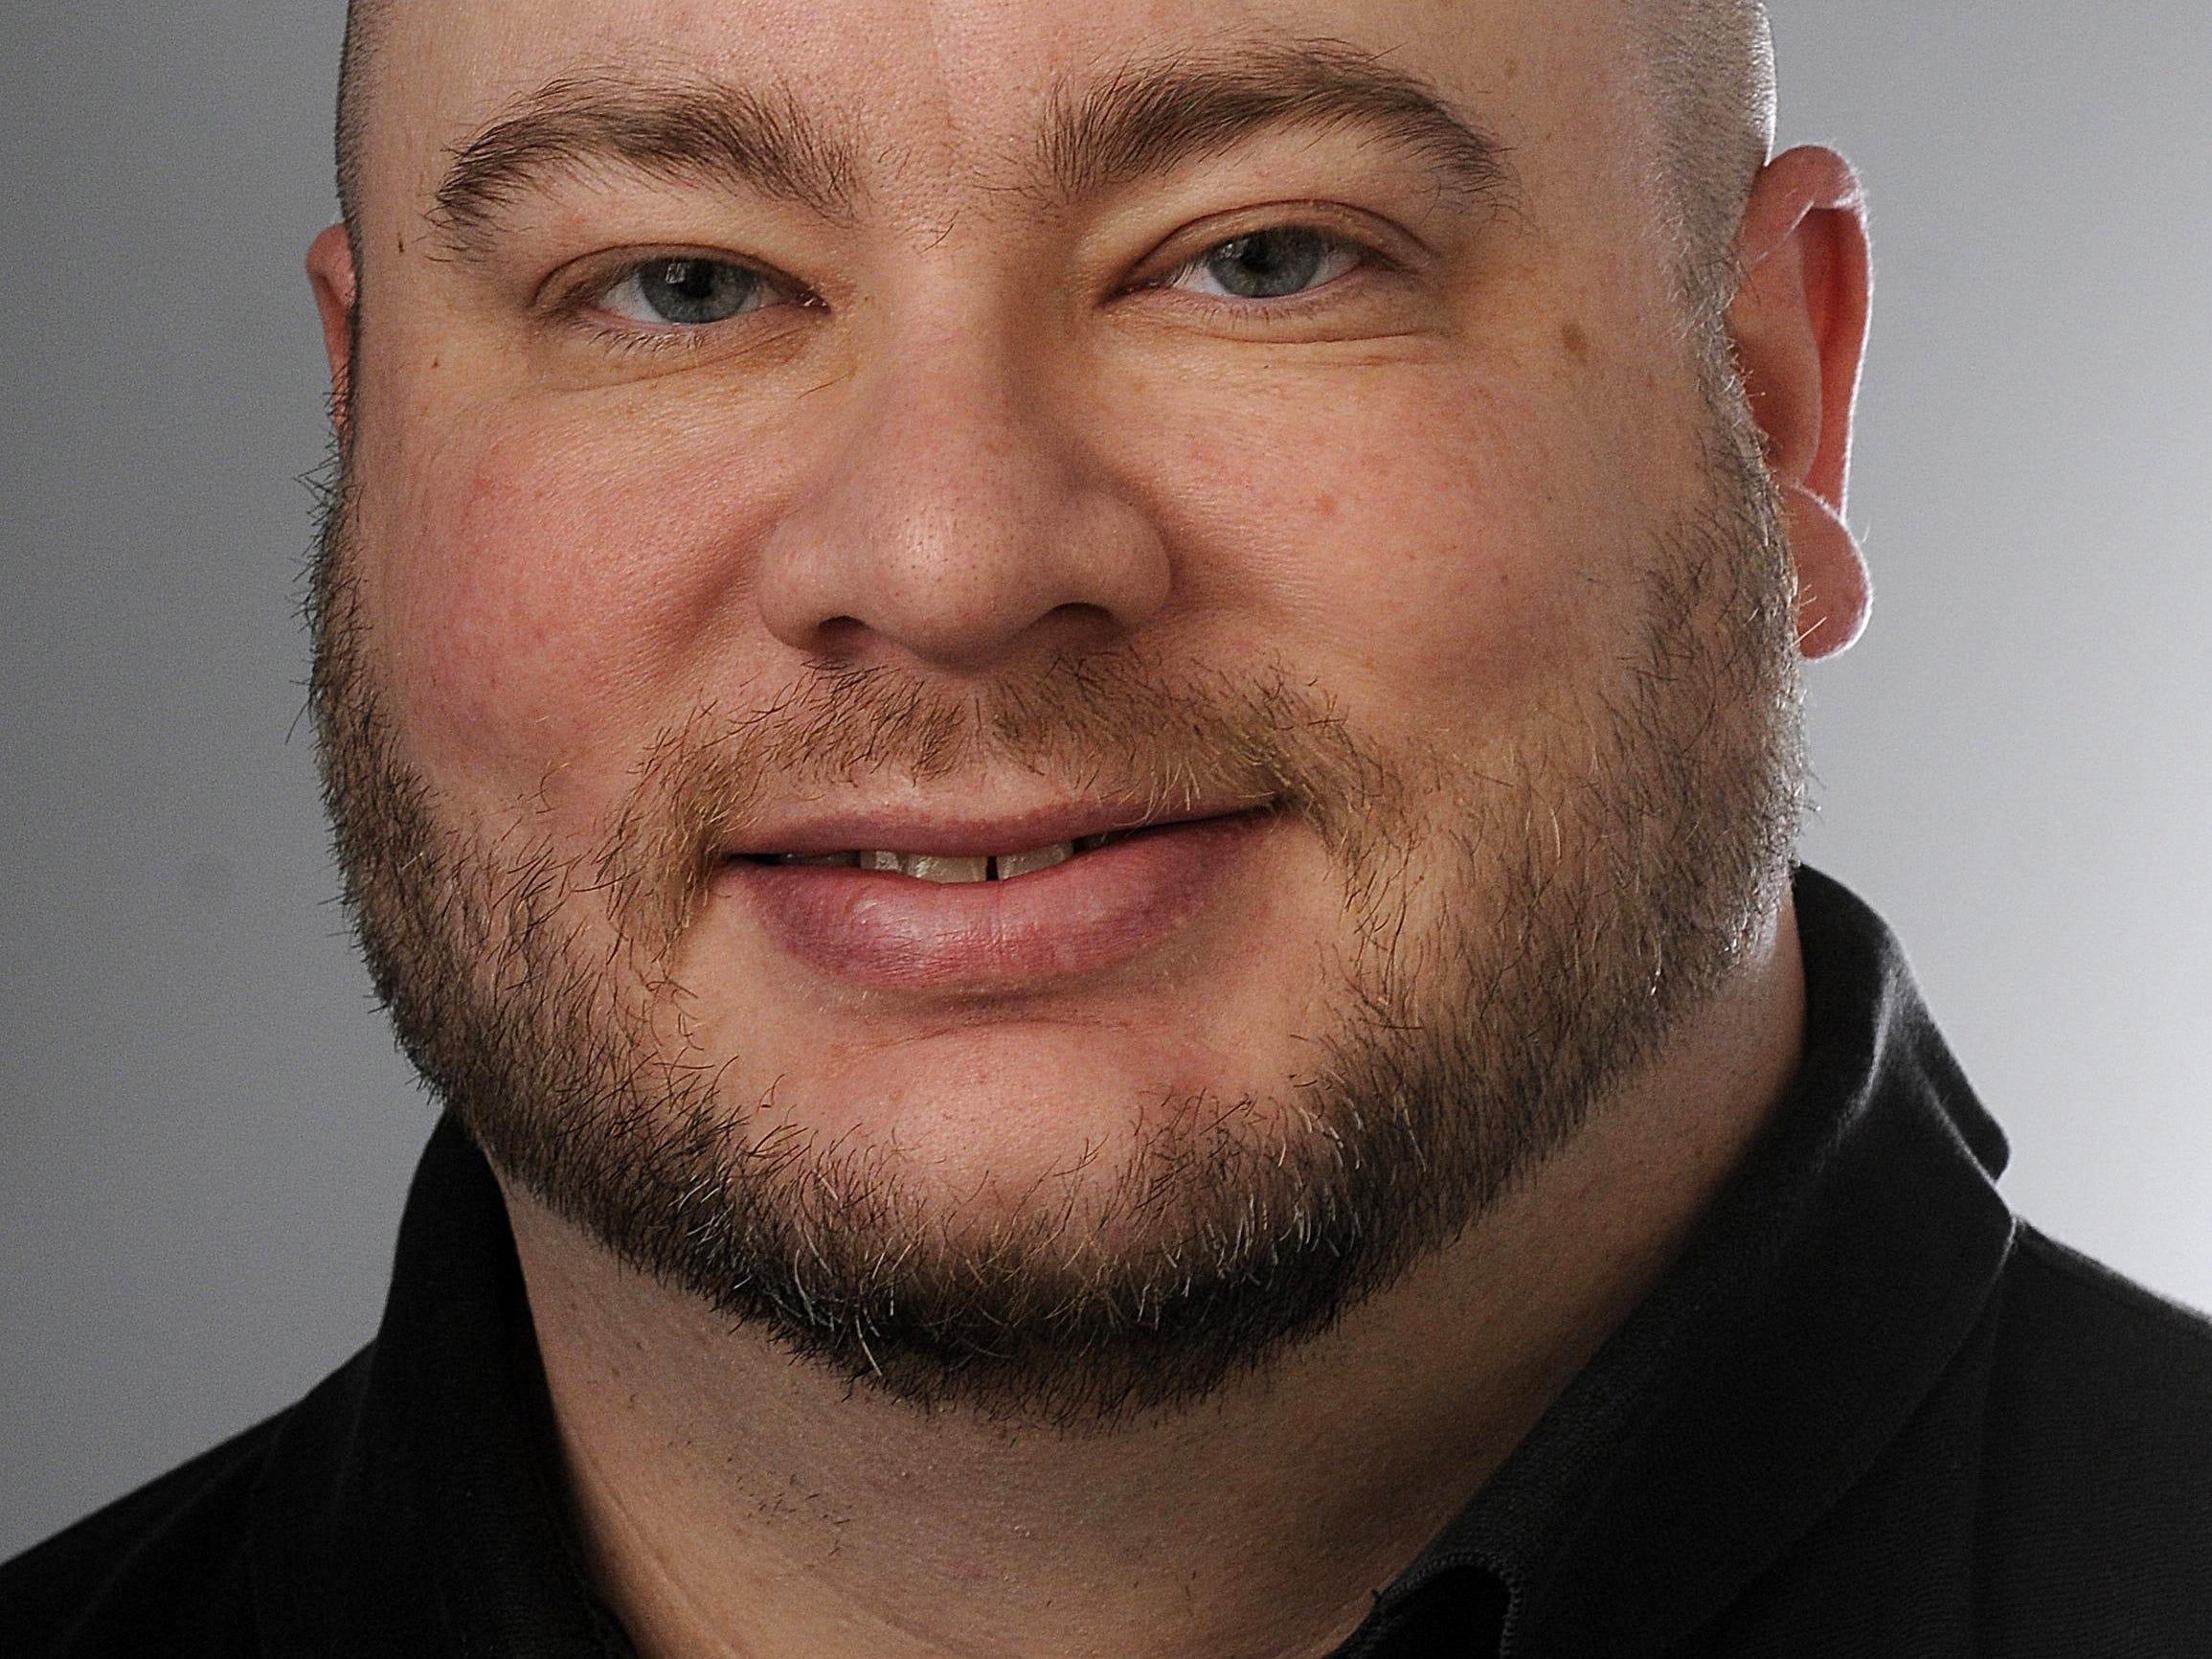 Chris SolariChris Solari. LSJ employee. Photo taken 1/4/2011 by Greg DeRuiter/LSJ.